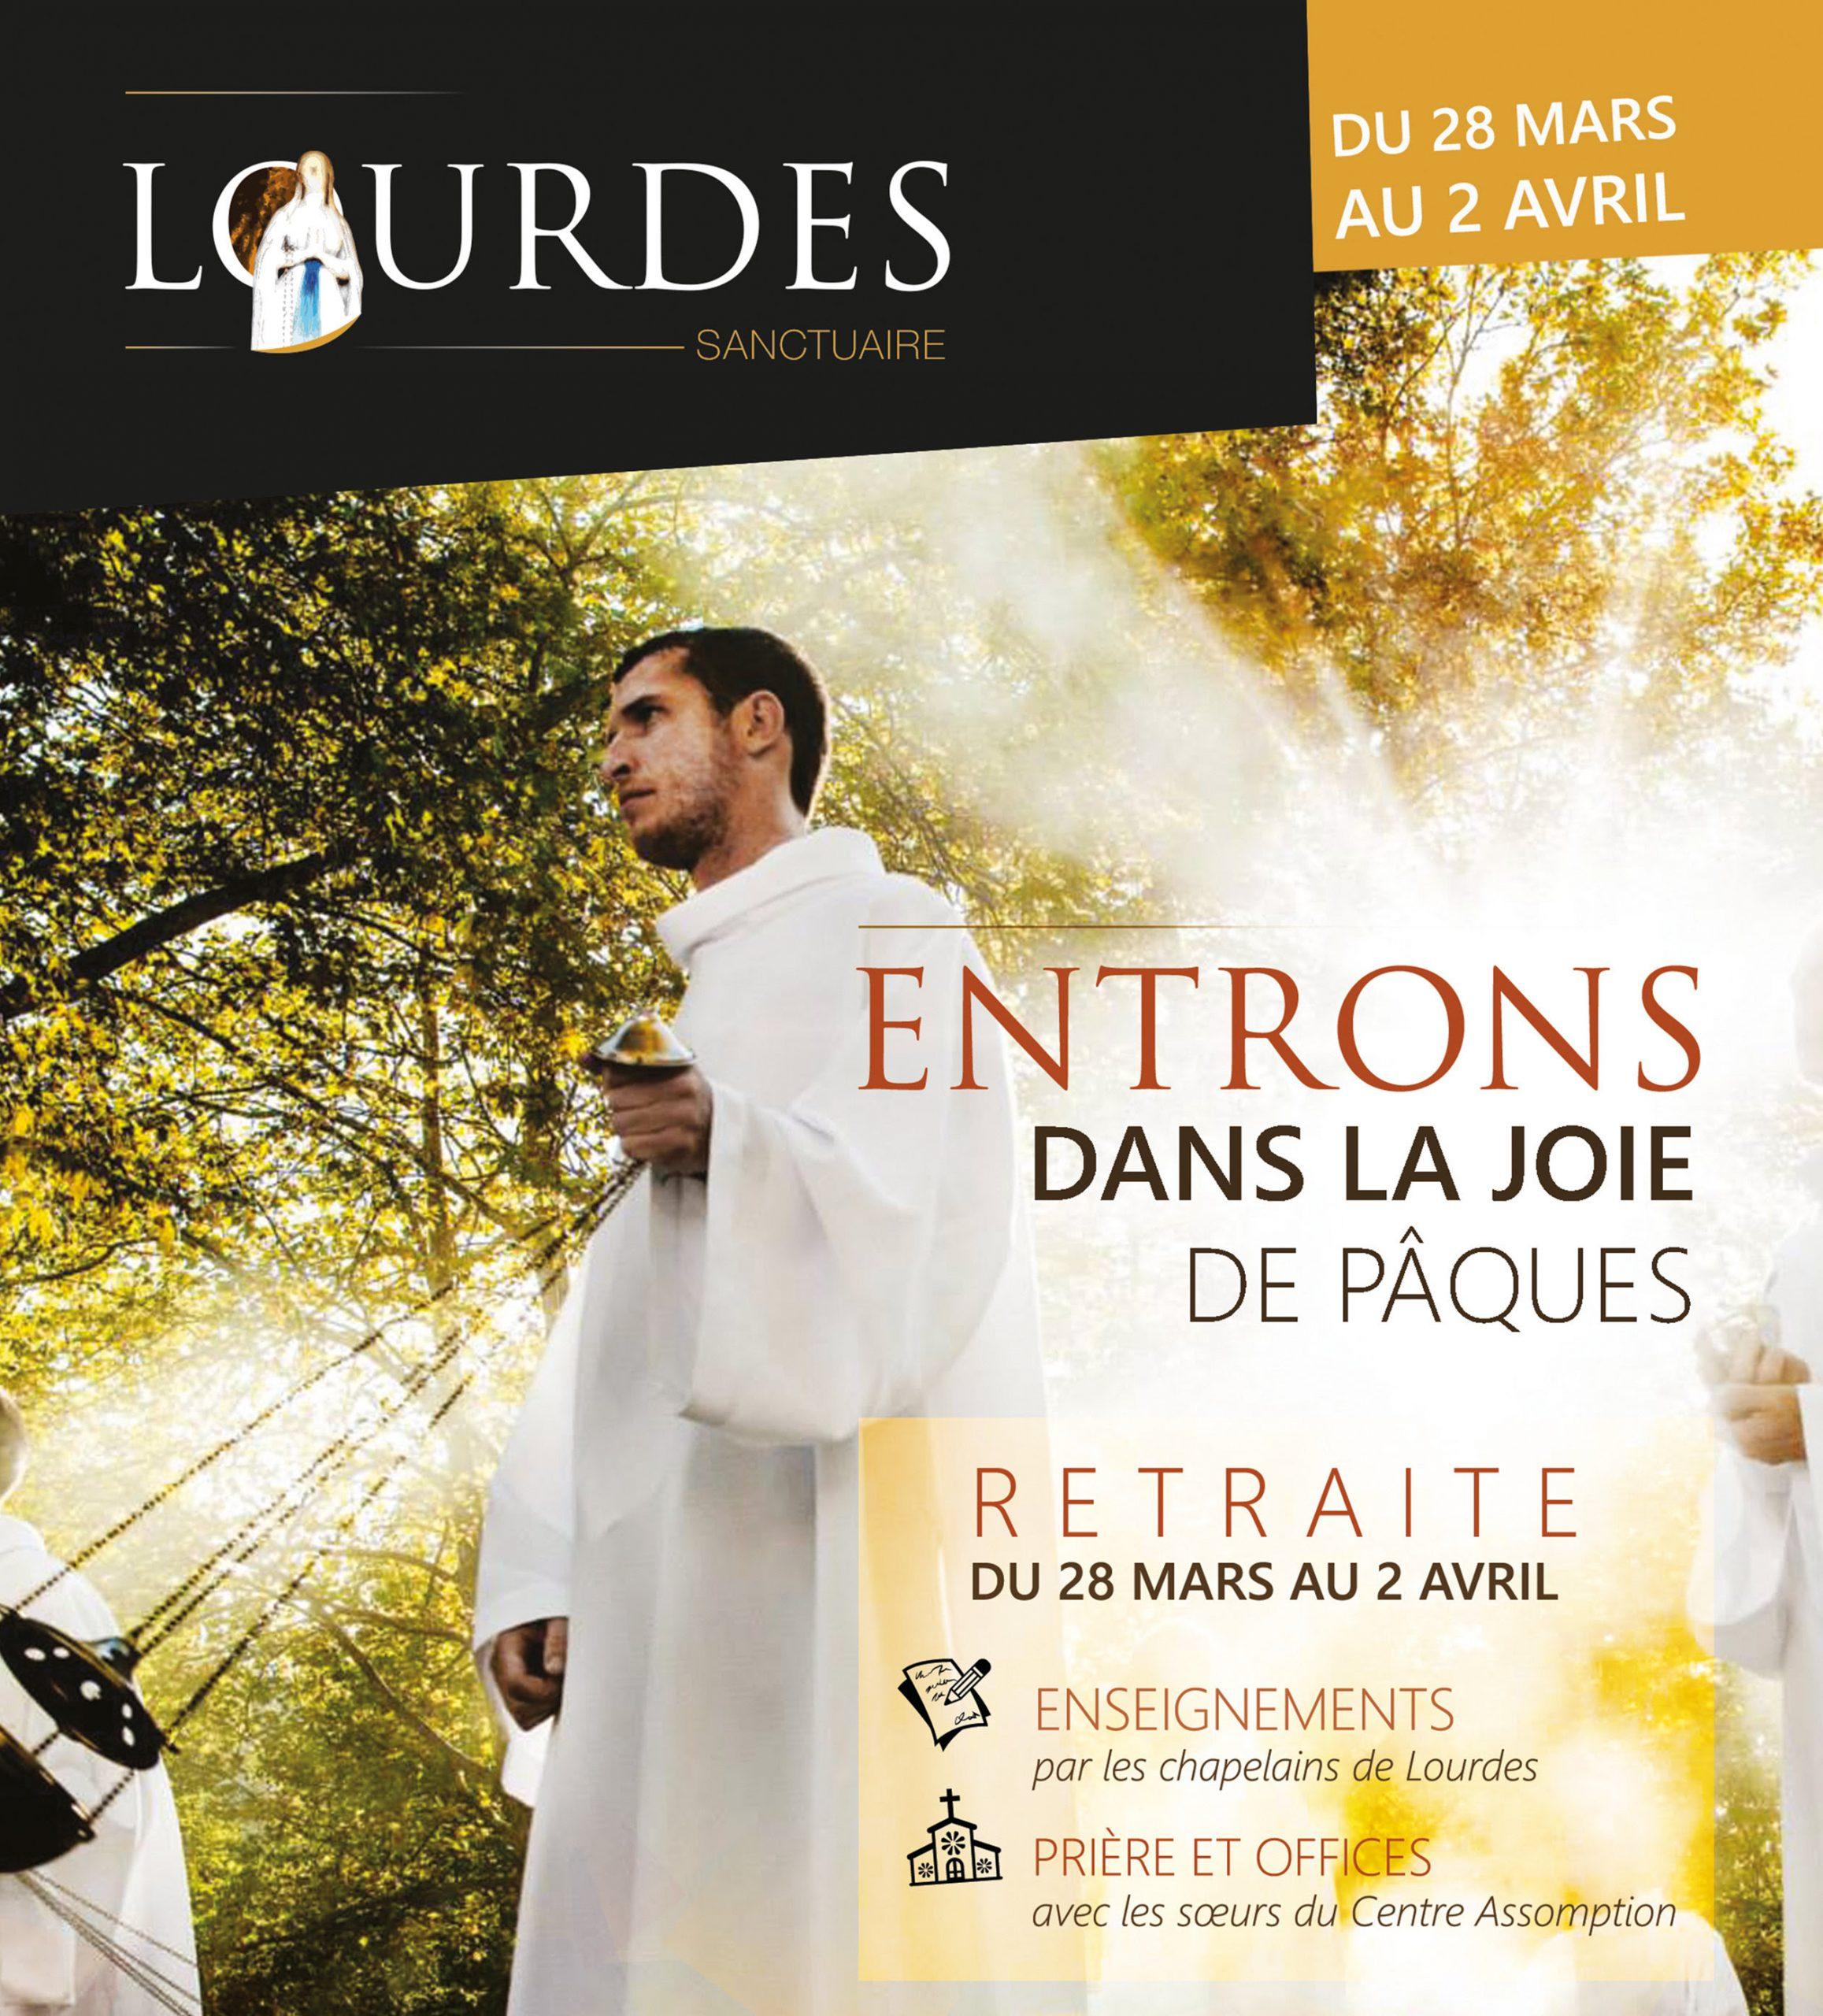 """Retraite """"Entrons dans la joie de Pâques"""" – du 28 mars au 2 avril à Lourdes (65)"""